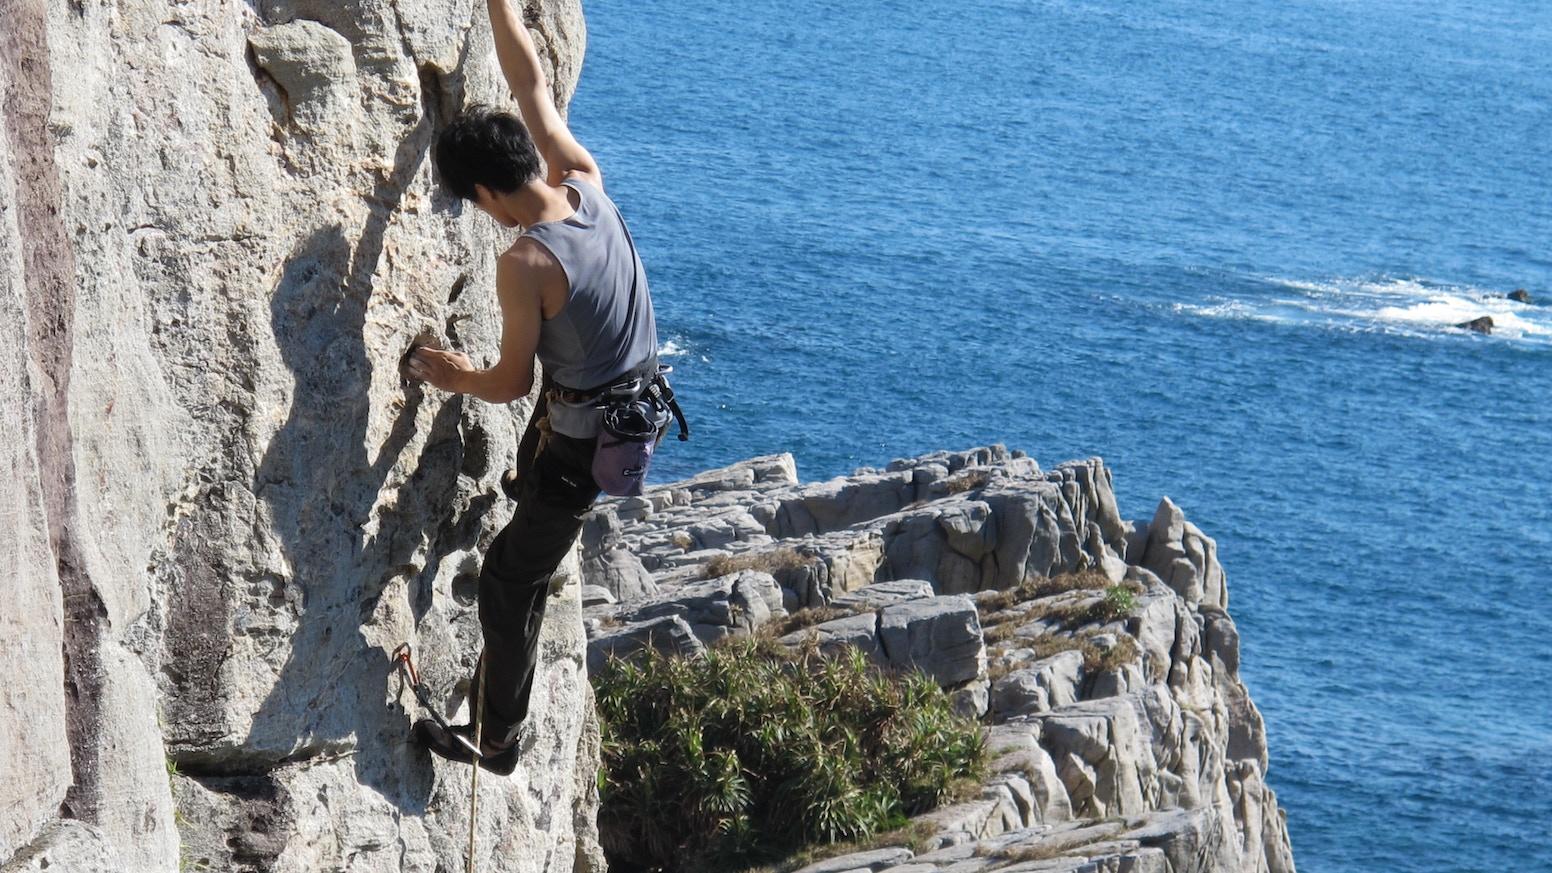 An integrated chalkball helps climbers chalk up better.